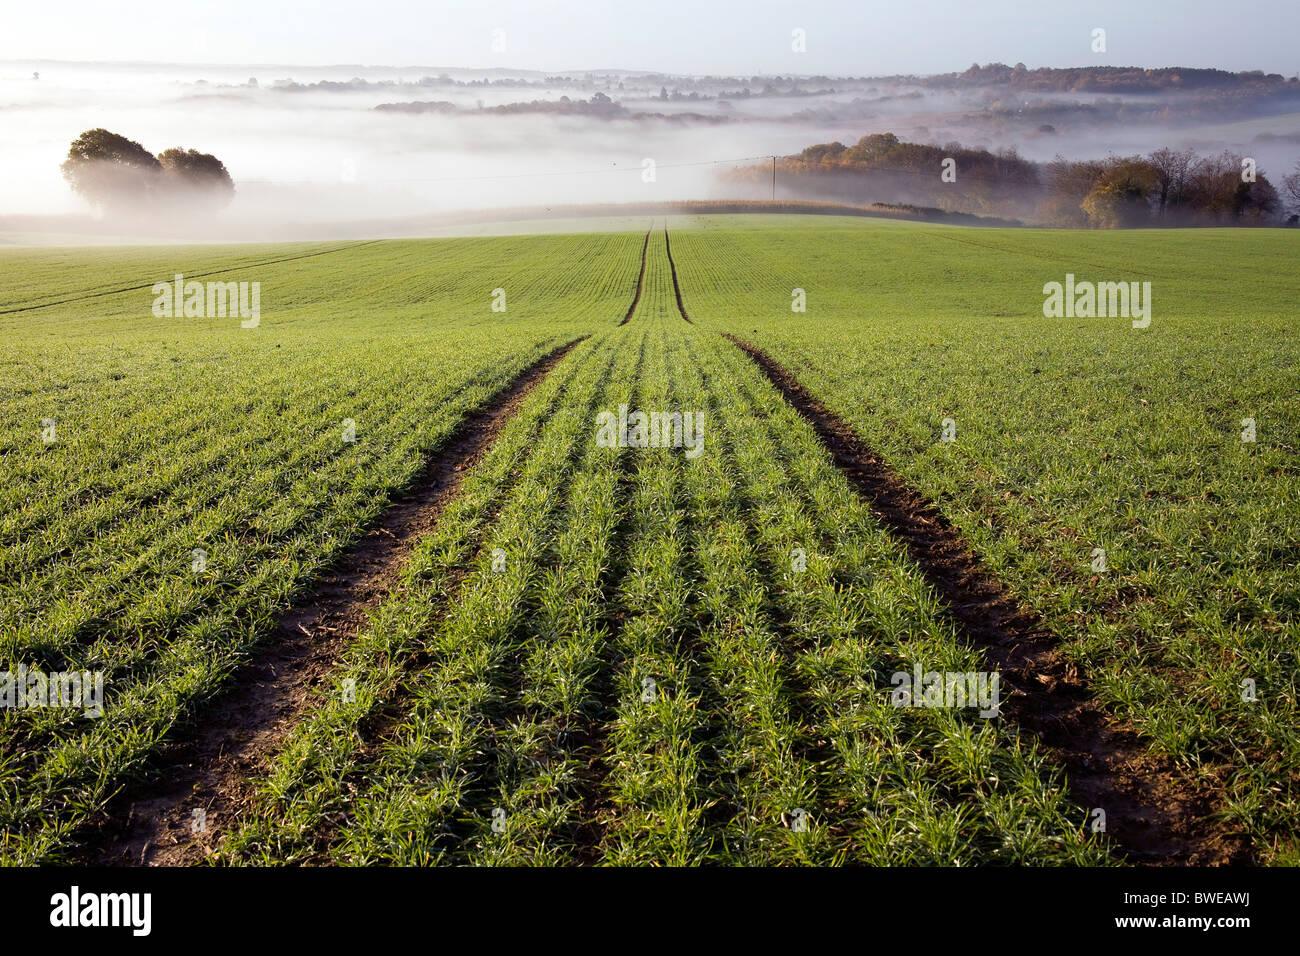 Nebliger Morgen Blick auf Kentish Landschaft mit vor kurzem bepflanzten Bereich der Winterweizen im Herbst Tal Kent Stockbild